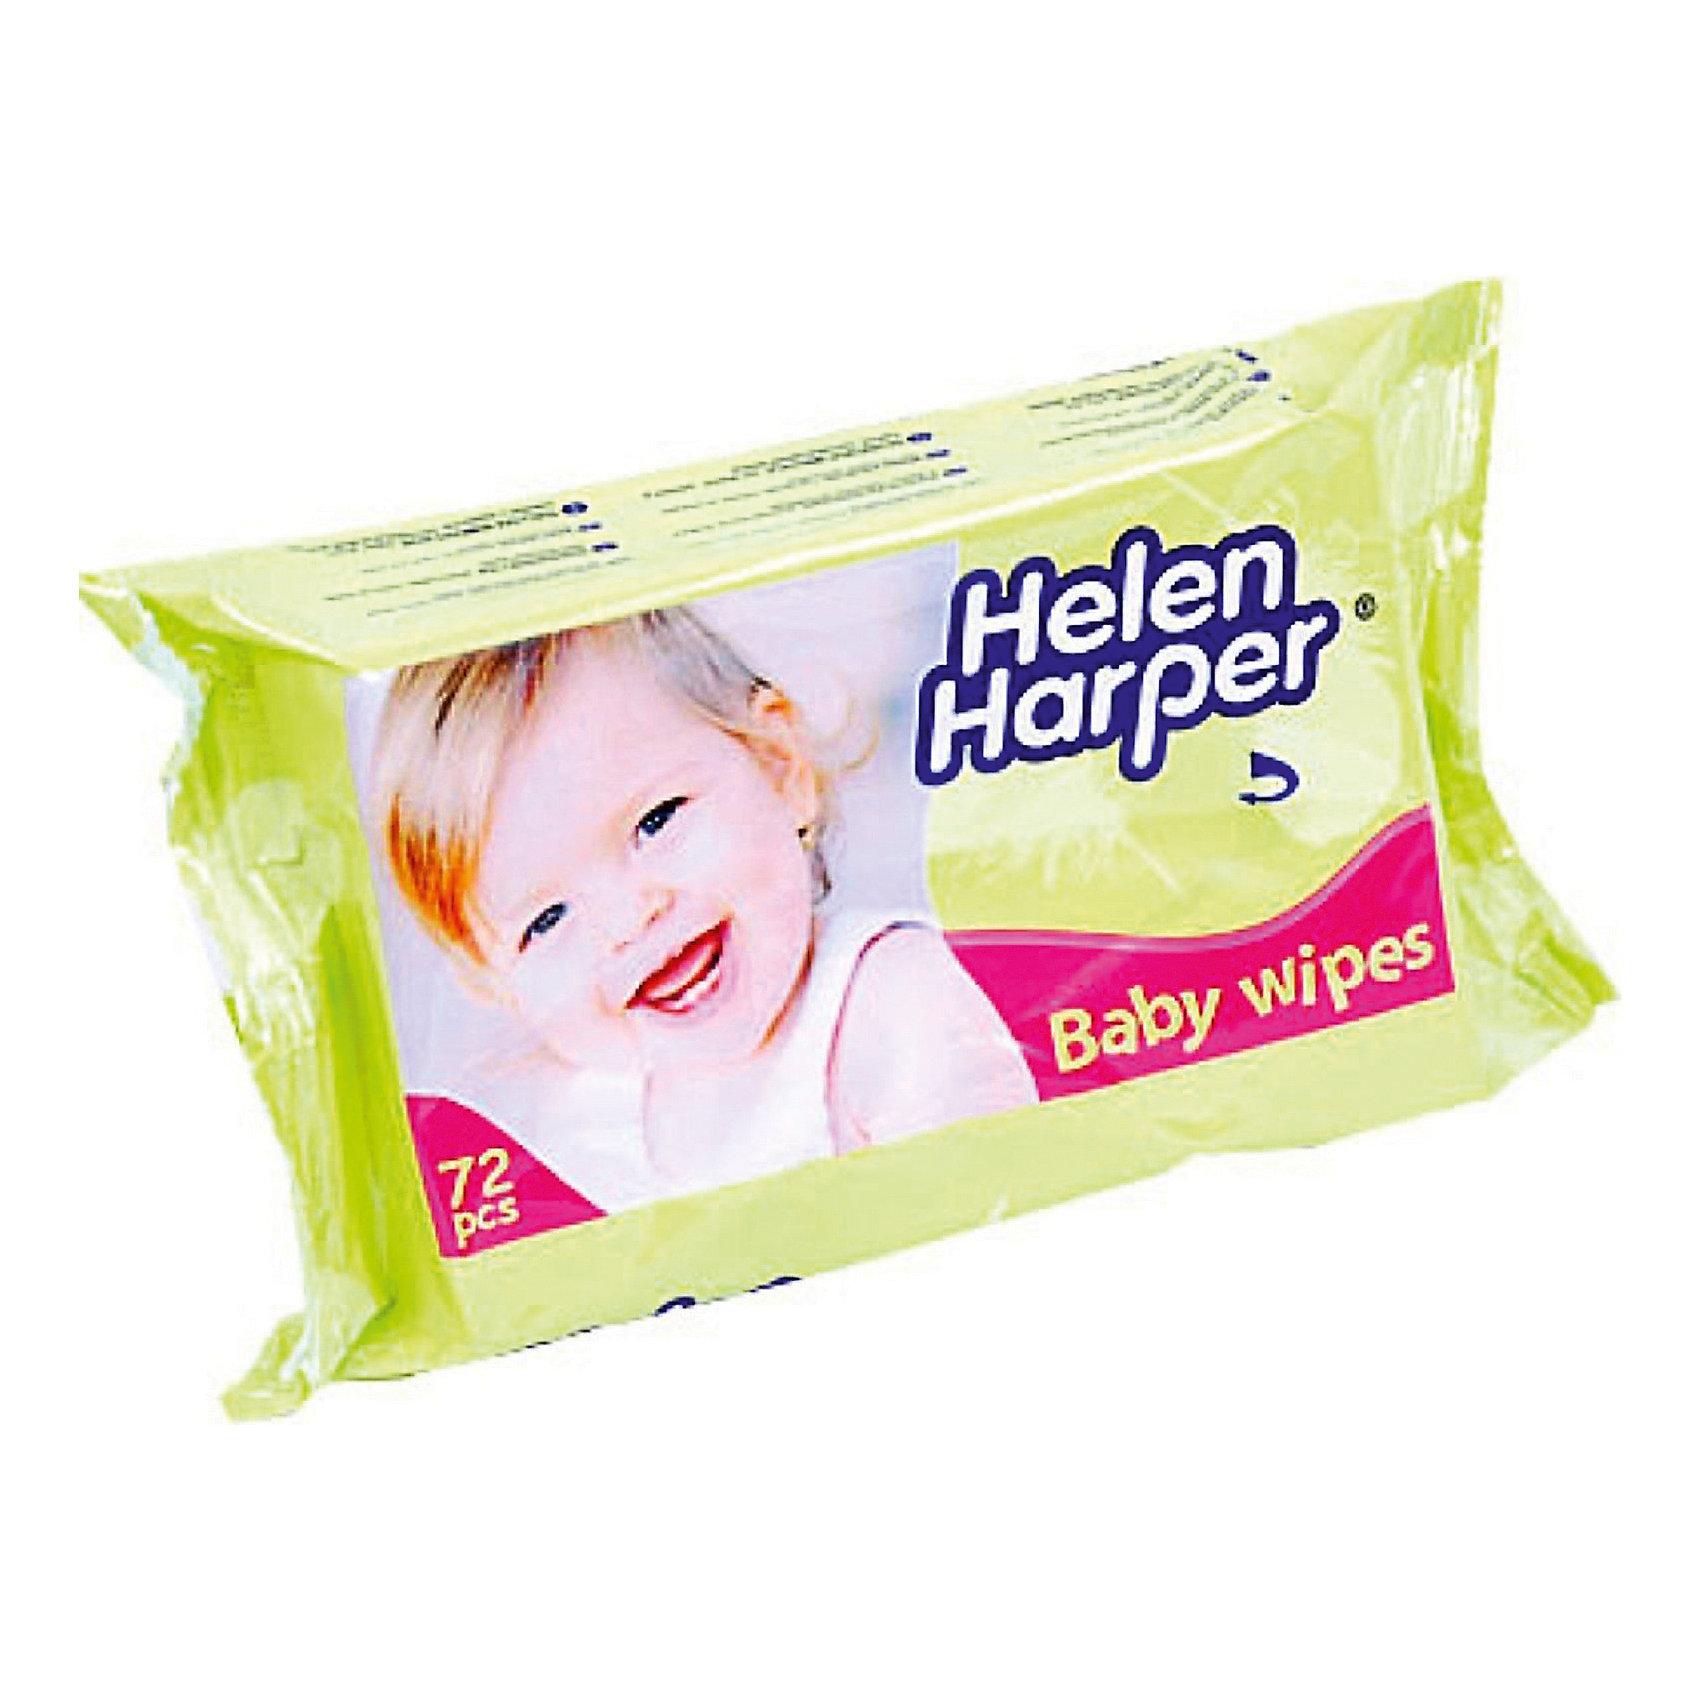 Детские влажные салфетки 72 шт., Helen HarperВлажные детские салфетки торговой марки Helen Harper были специально разработаны для нежной детской кожи. Салфетки содержат специальный очищающий состав, который обеззараживает кожу от вредных микроорганизмов, очищает поры, а также обладает прекрасным увлажняющим и смягчающим эффектом.<br> Незаменимы при уходе за новорожденными, с их помощью возможно избежать пелёночный дерматит и опрелости. <br><br> Дополнительная информация: <br><br>- торговая марка:  Helen Harper<br>- возраст малыша: от рождения <br>- тип кожи: для всех типов <br>- по типу салфетки: влажные, гигиенические<br>- гипоаллергенный: да<br>- материал: целлюлоза <br>- количество в упаковке: (шт.) 72<br><br>Влажные детские салфетки торговой марки  Helen Harper можно купить в нашем интернет-магазине.<br><br>Ширина мм: 220<br>Глубина мм: 550<br>Высота мм: 100<br>Вес г: 400<br>Возраст от месяцев: -2147483648<br>Возраст до месяцев: 2147483647<br>Пол: Унисекс<br>Возраст: Детский<br>SKU: 4801645